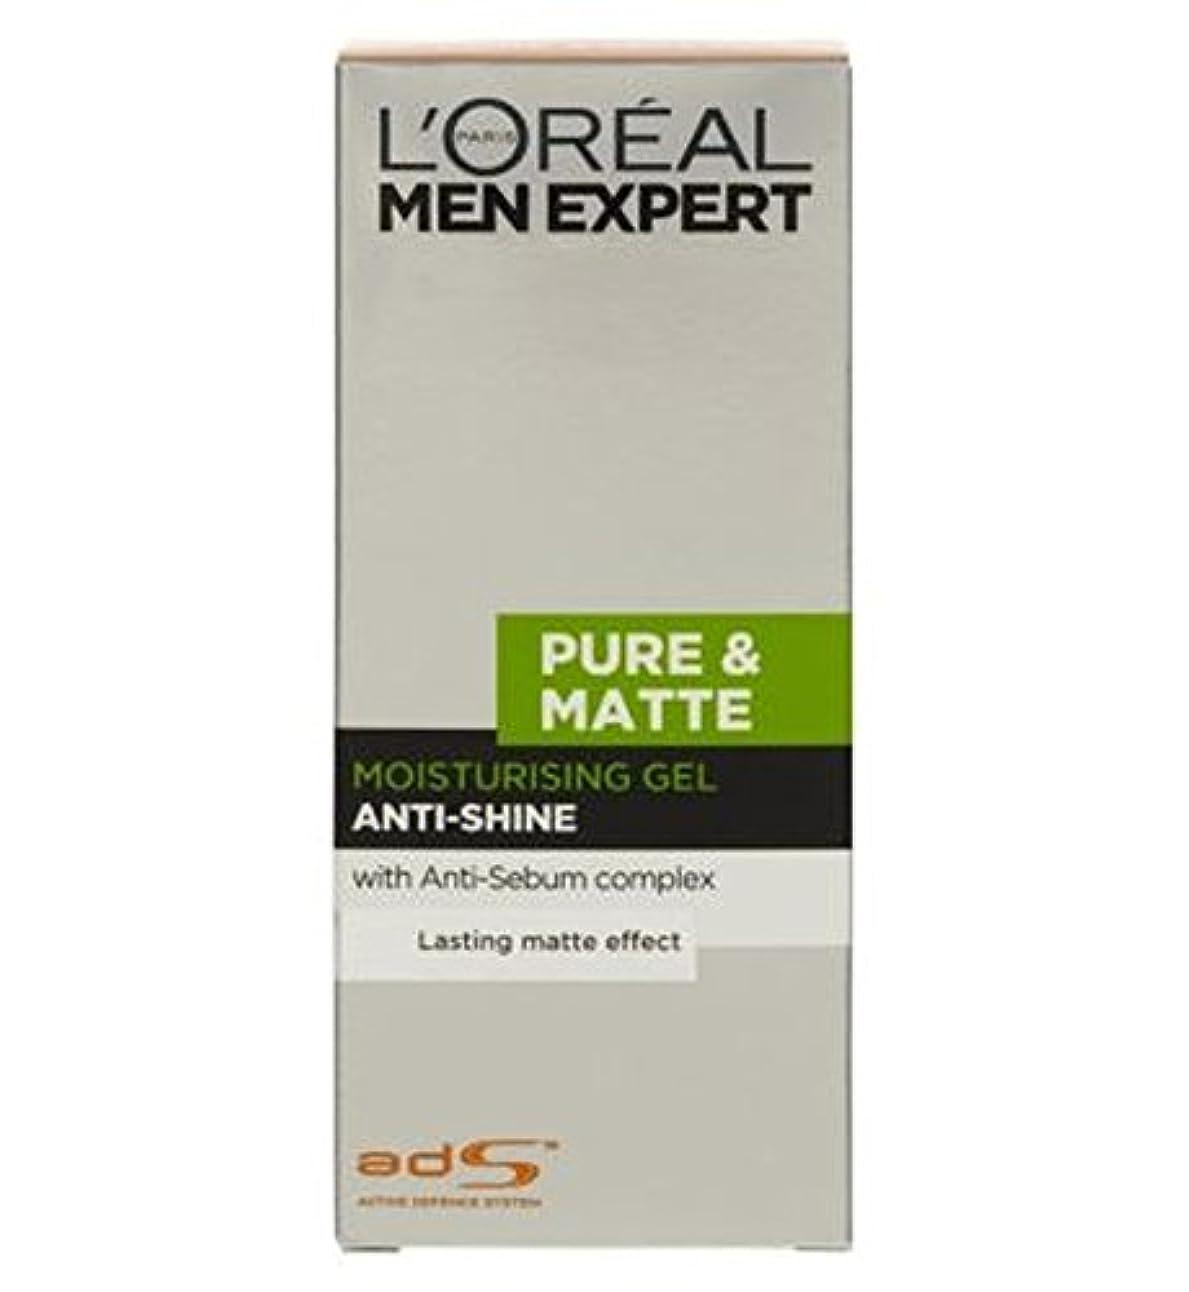 干ばつ掃く疲労L'Oreal Men Expert Pure & Matte Anti-Shine Moisturising Gel 50ml - ロレアルの男性の専門家純粋&マット抗輝き保湿ゲル50ミリリットル (L'Oreal) [並行輸入品]